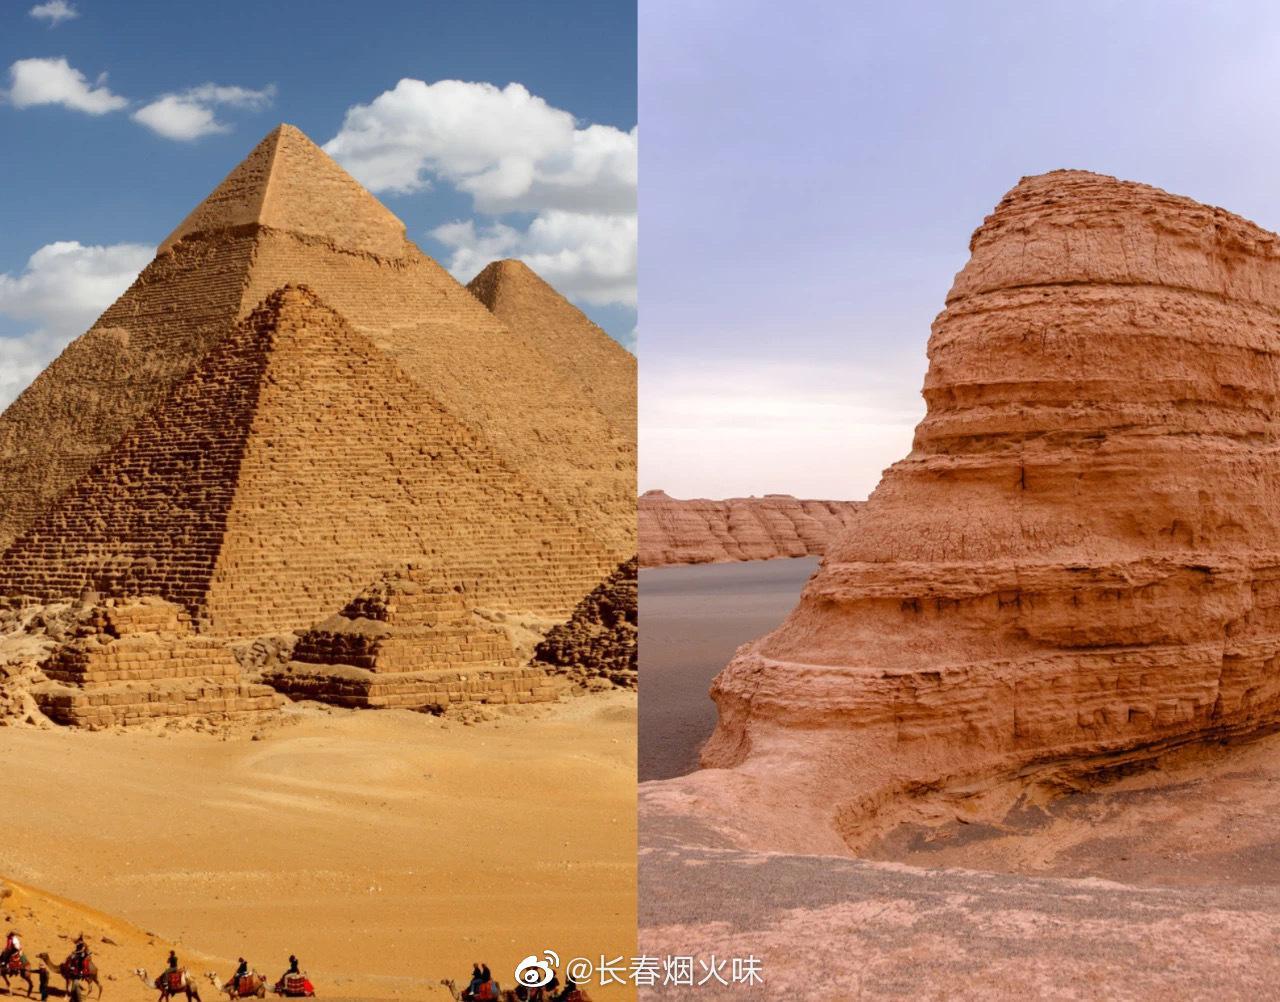 埃及VS雅丹魔鬼城 埃及金字塔的壮阔,雅丹魔鬼城也可以给你